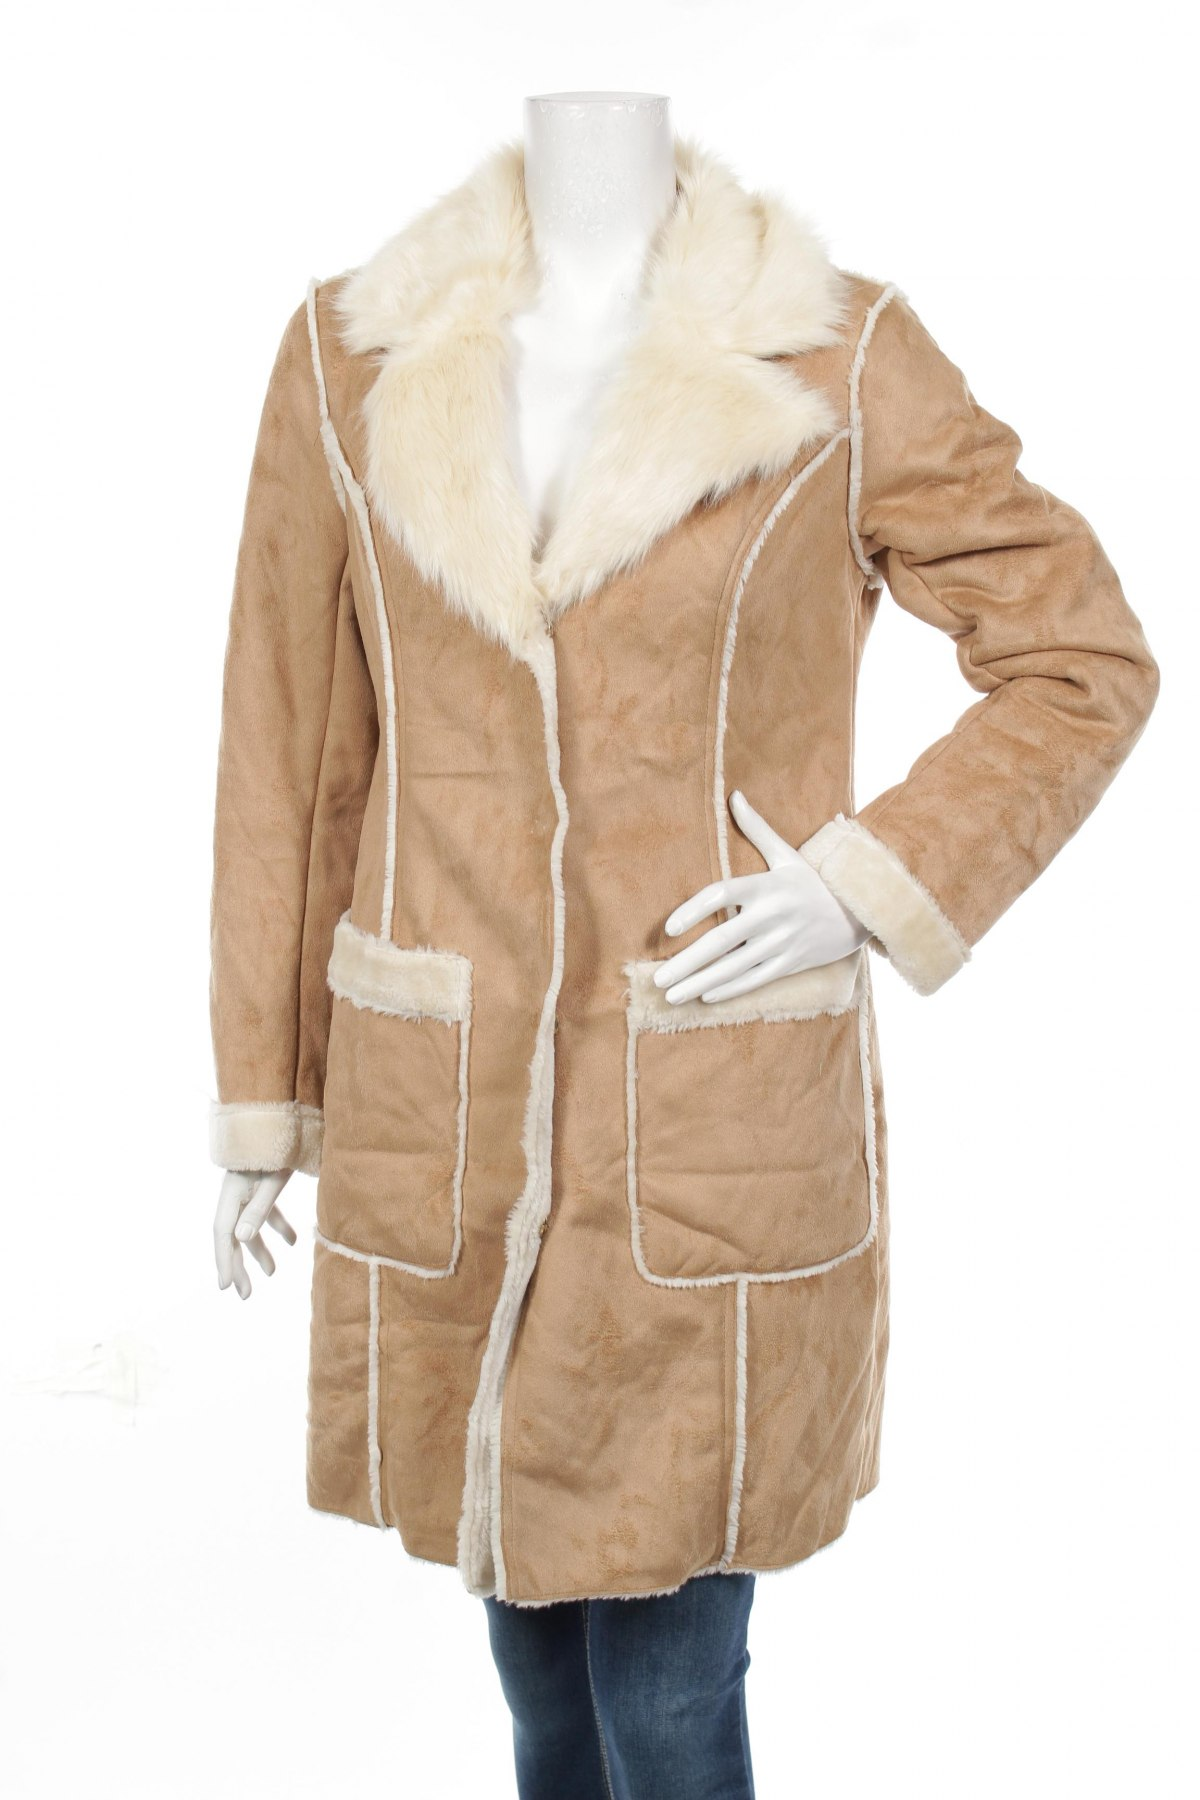 75e5534cf7c6 Dámsky kabát Orsay - za výhodnú cenu na Remix -  103196115